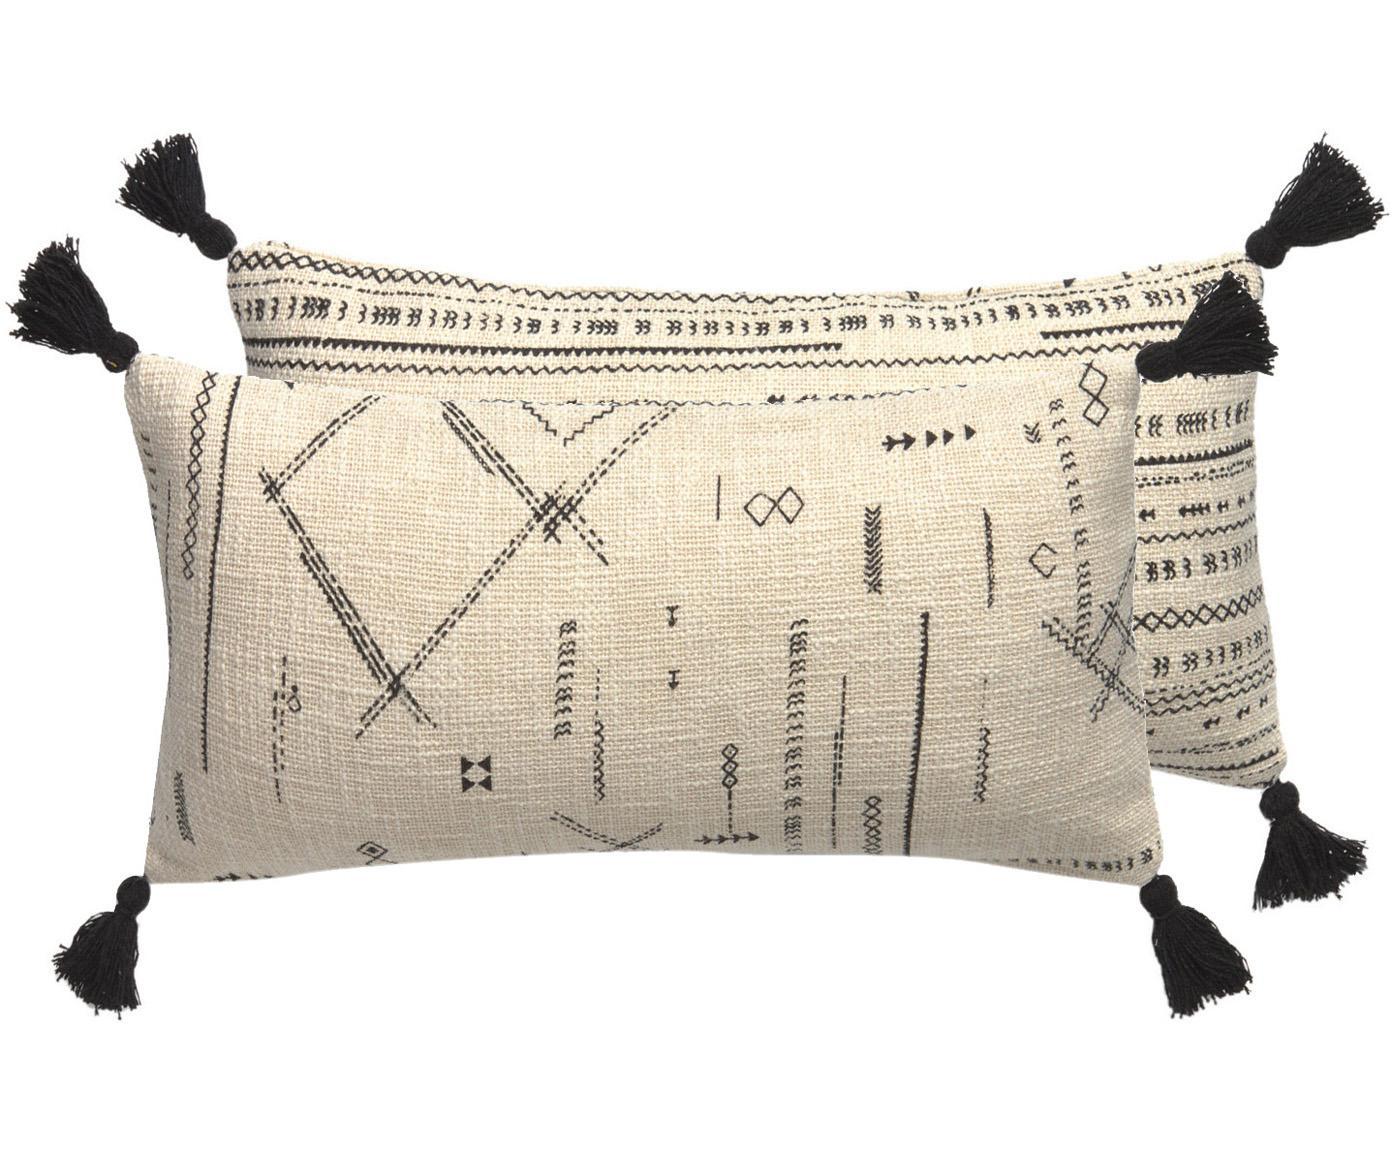 Dwustronna poszewka na poduszkę z chwostami Kertes, 100% bawełna, Czarny, S 30 x D 60 cm